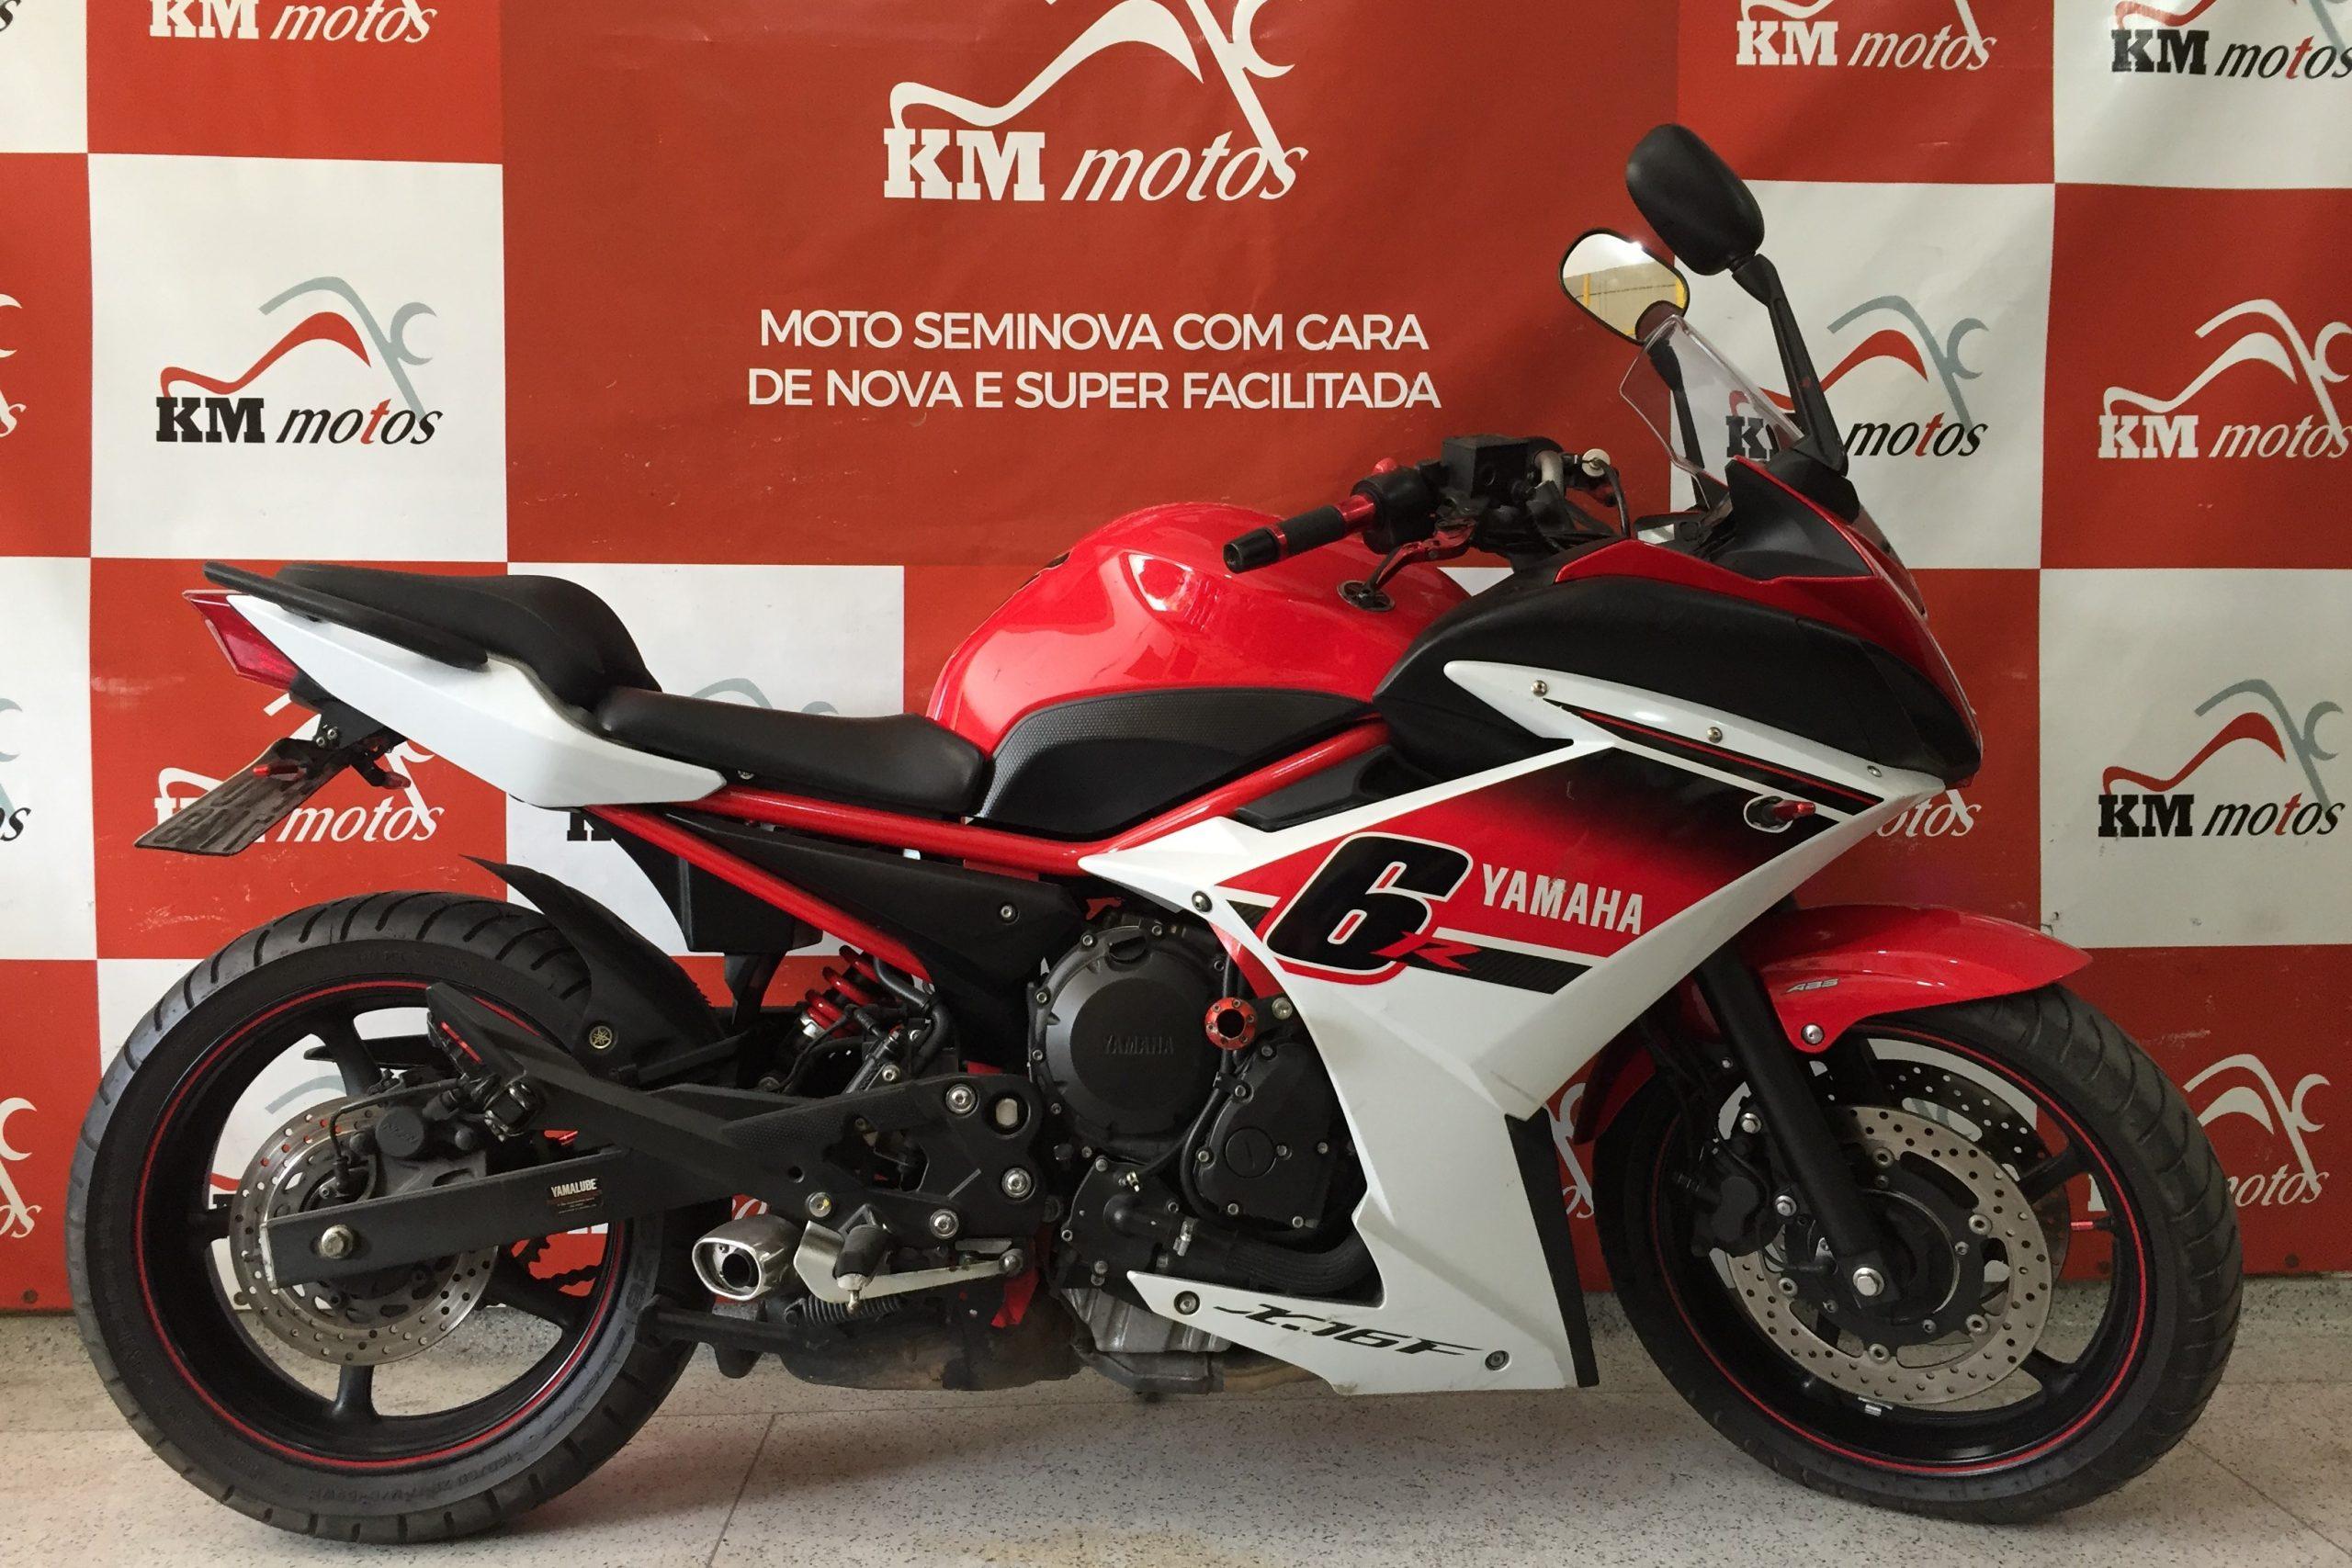 Yamaha XJ 6 F vermelha 2016